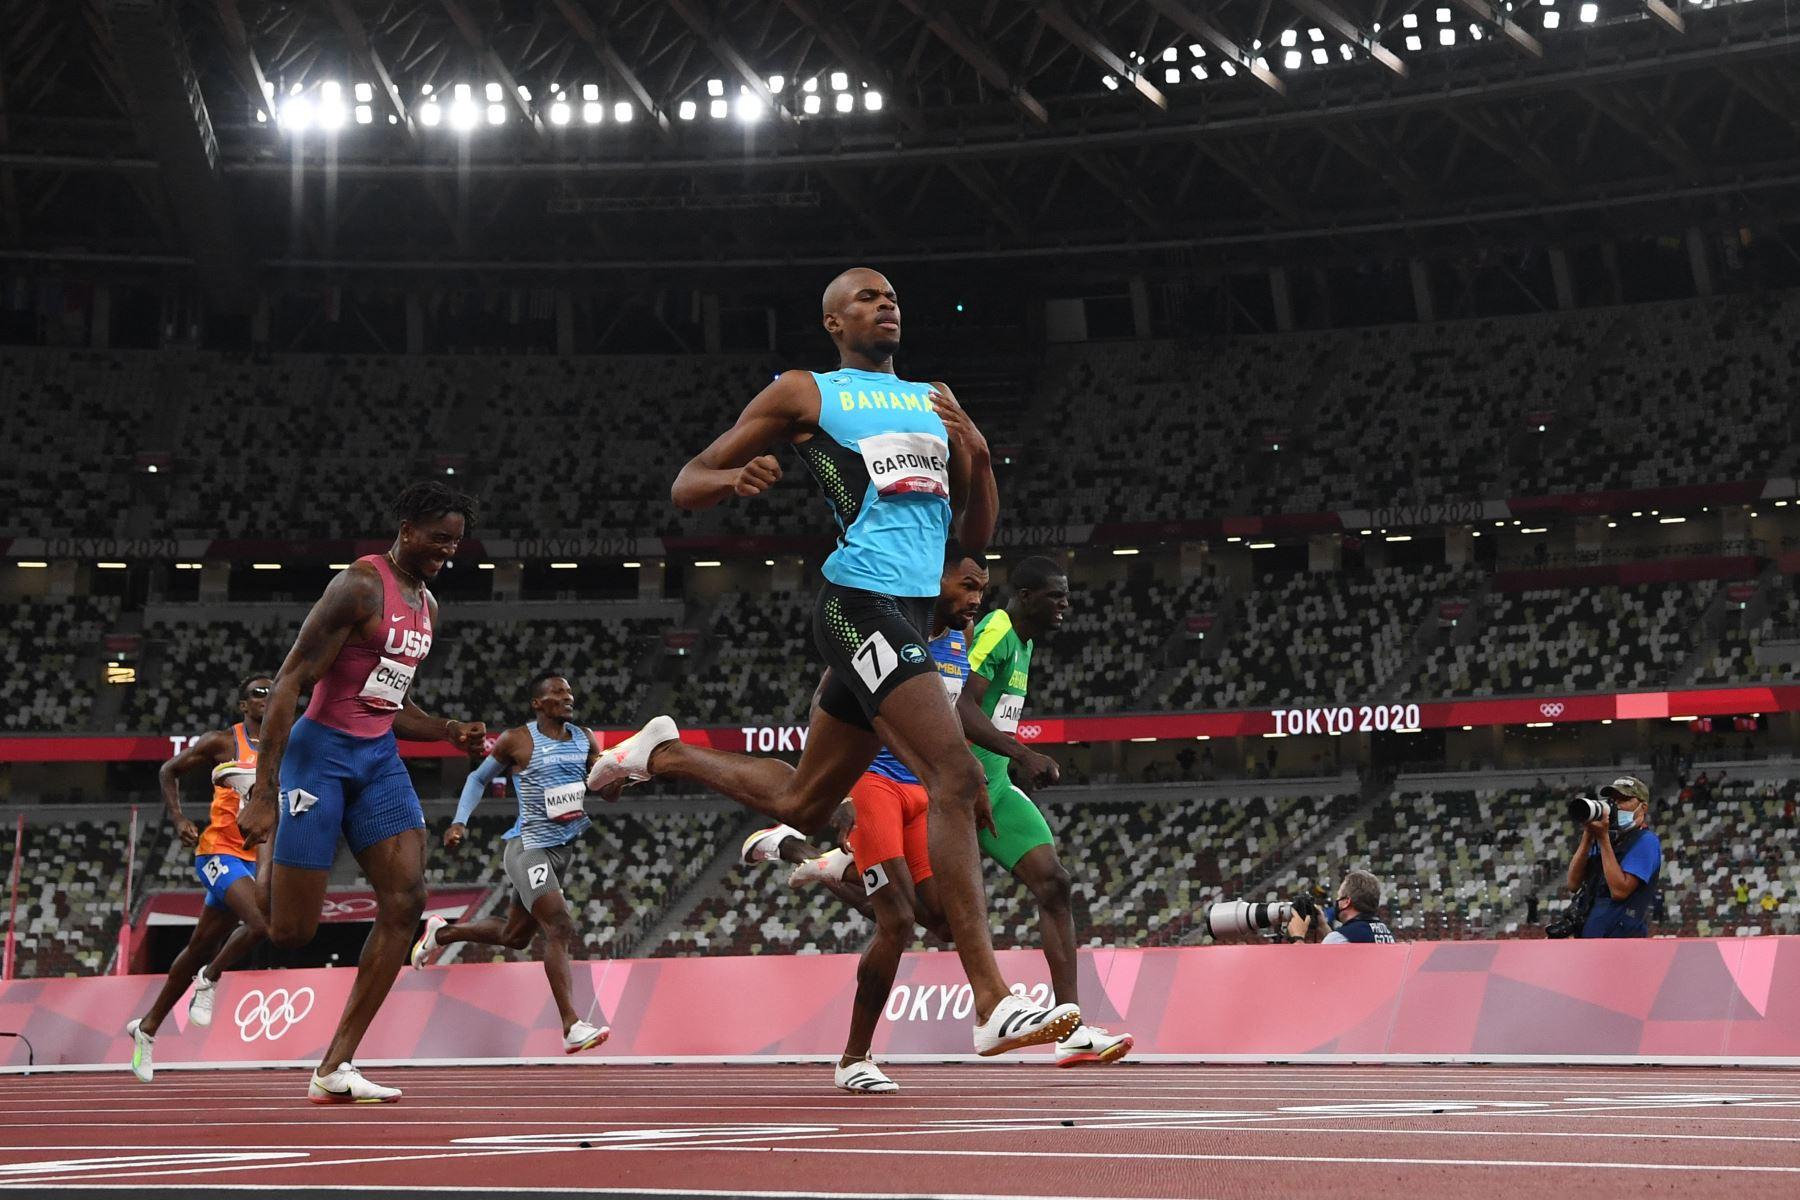 Steven Gardiner de Bahamas cruza la línea de meta para ganar la final masculina de 400 metros durante los Juegos Olímpicos de Tokio 2020 en el Estadio Olímpico de Tokio.Foto: AFP